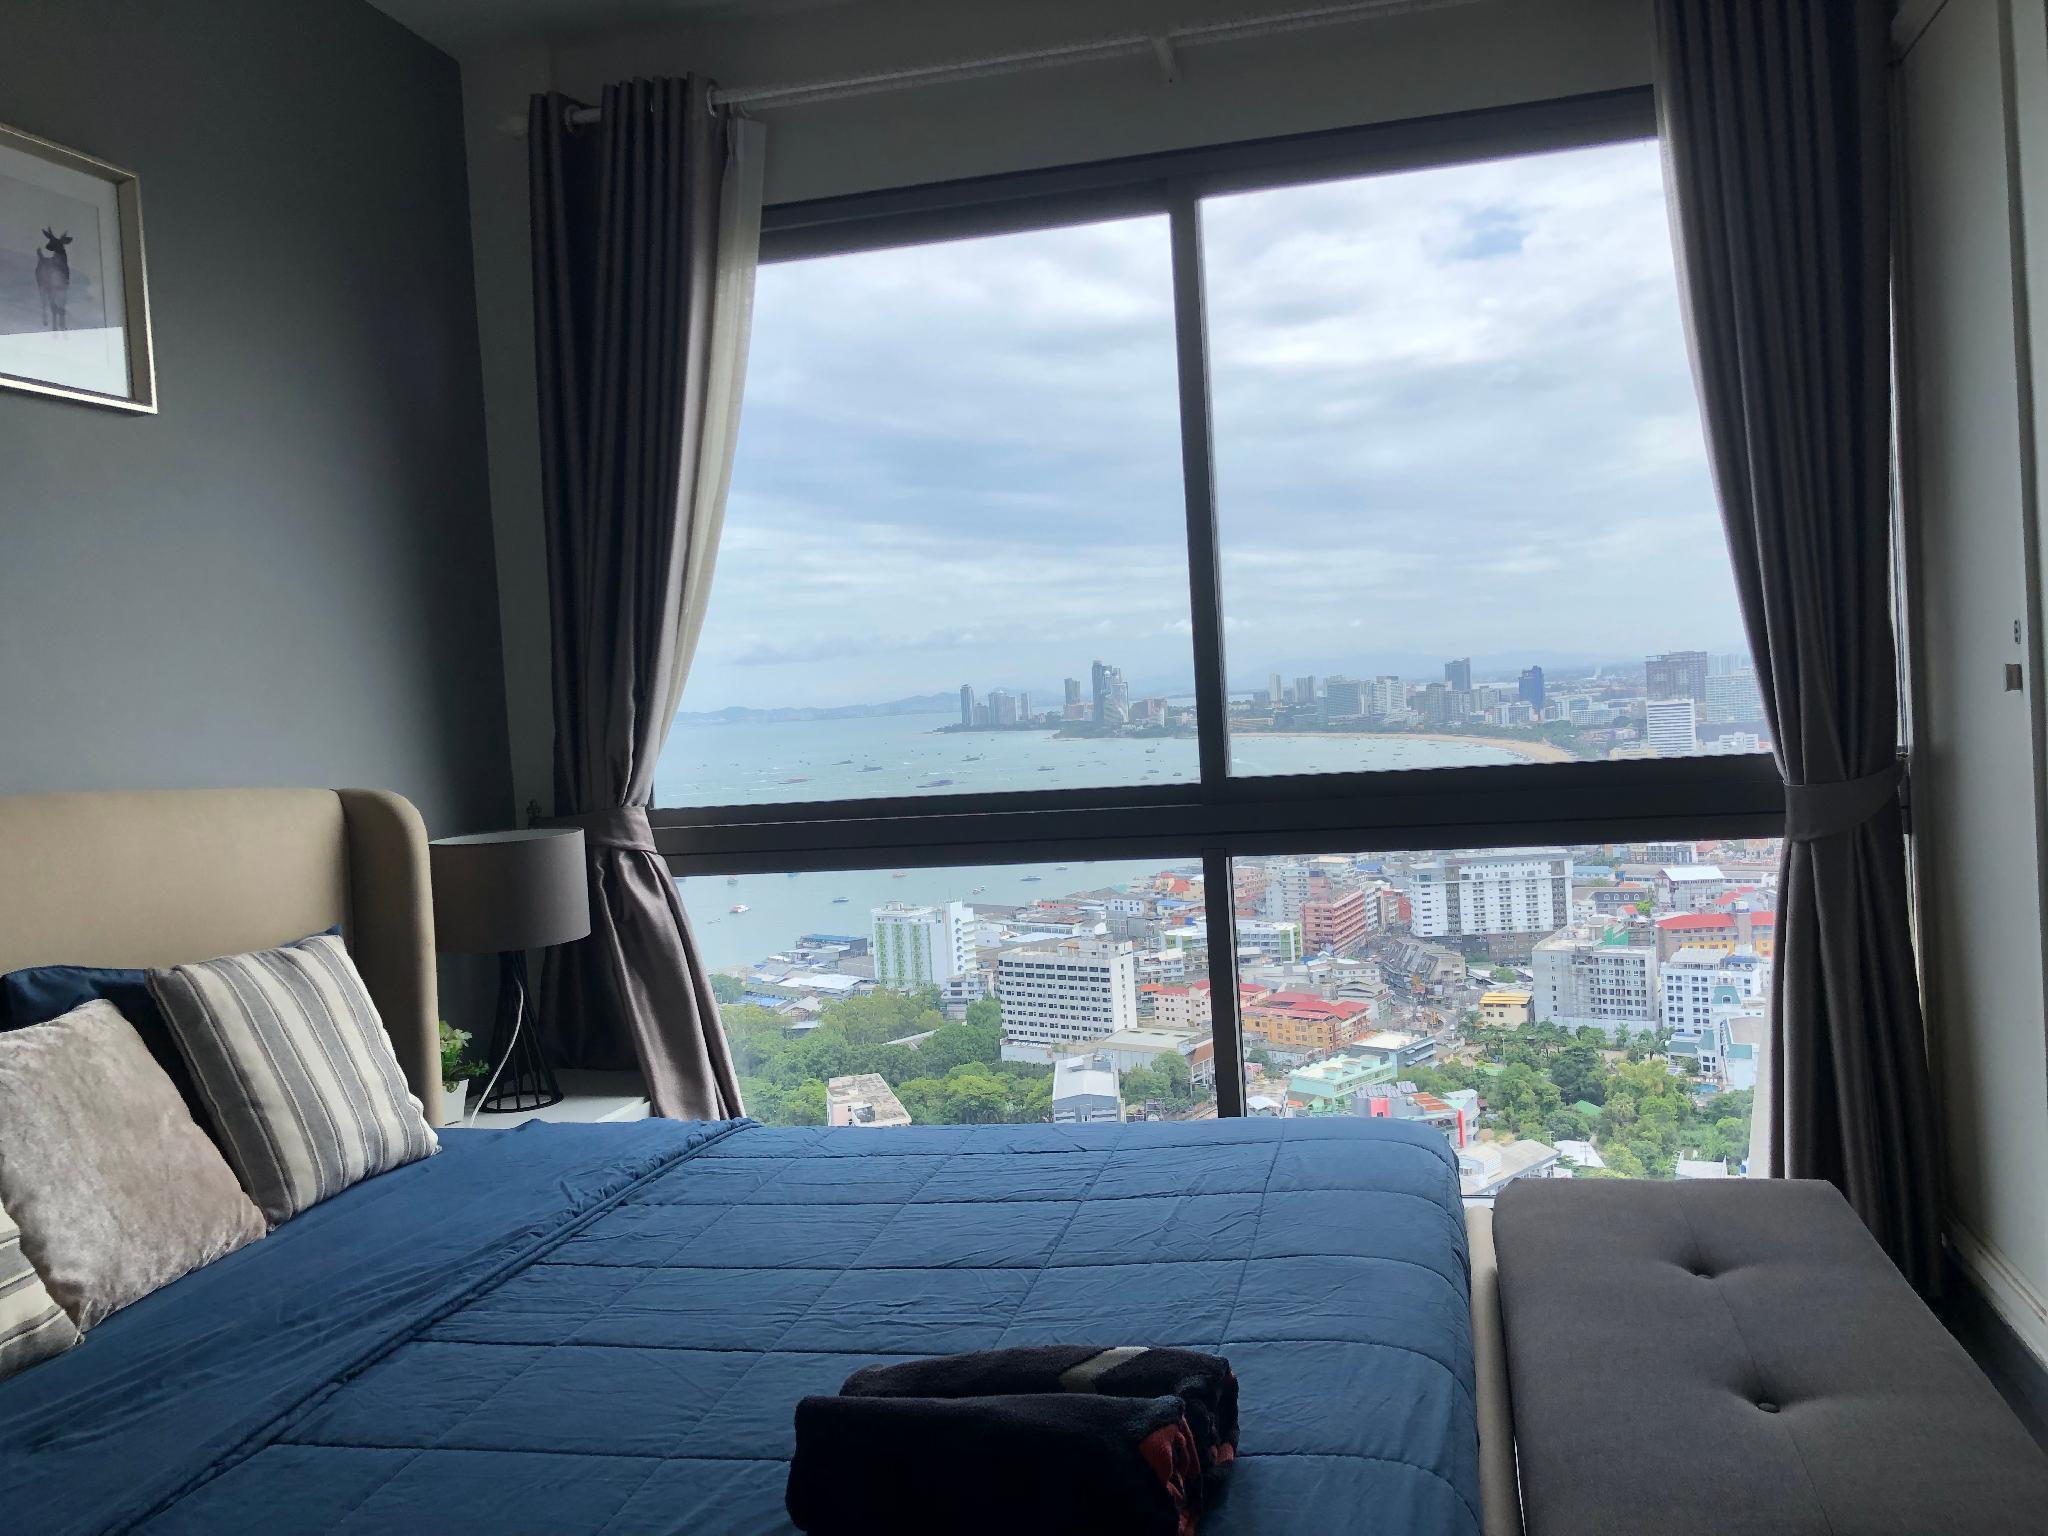 Unixx seaview 36 อพาร์ตเมนต์ 1 ห้องนอน 1 ห้องน้ำส่วนตัว ขนาด 27 ตร.ม. – พัทยาใต้